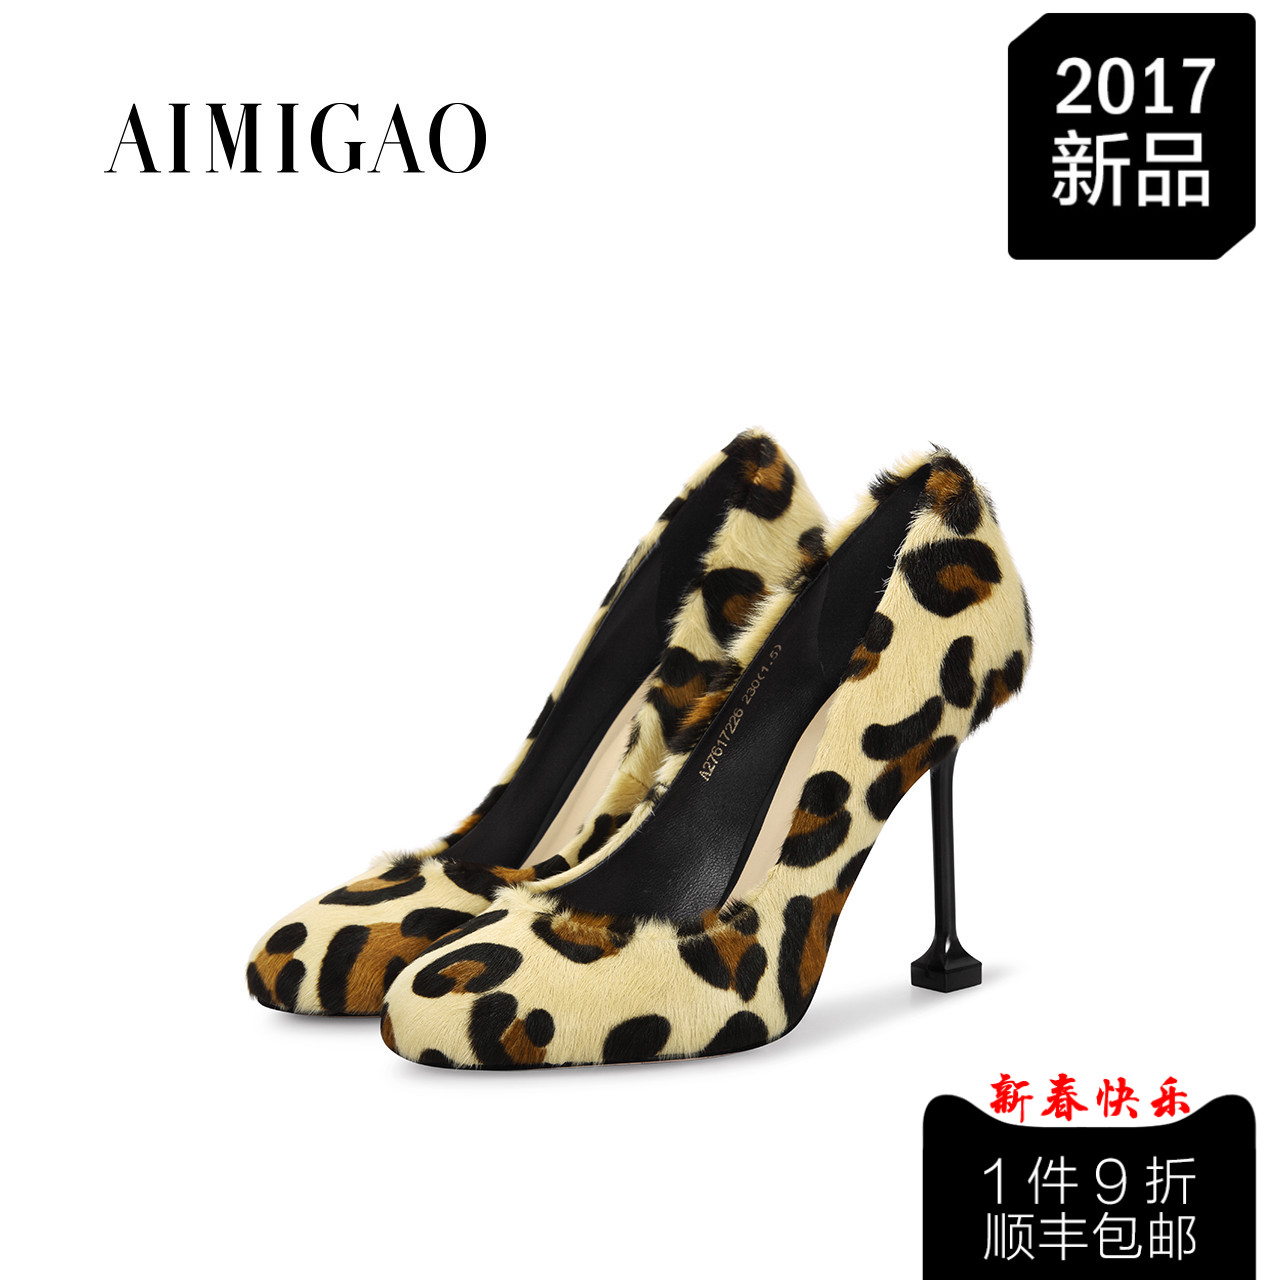 豹纹单鞋 AIMIGAO爱米高2017春季新款 圆头浅口细高跟单鞋女豹纹套脚女鞋_推荐淘宝好看的豹纹单鞋